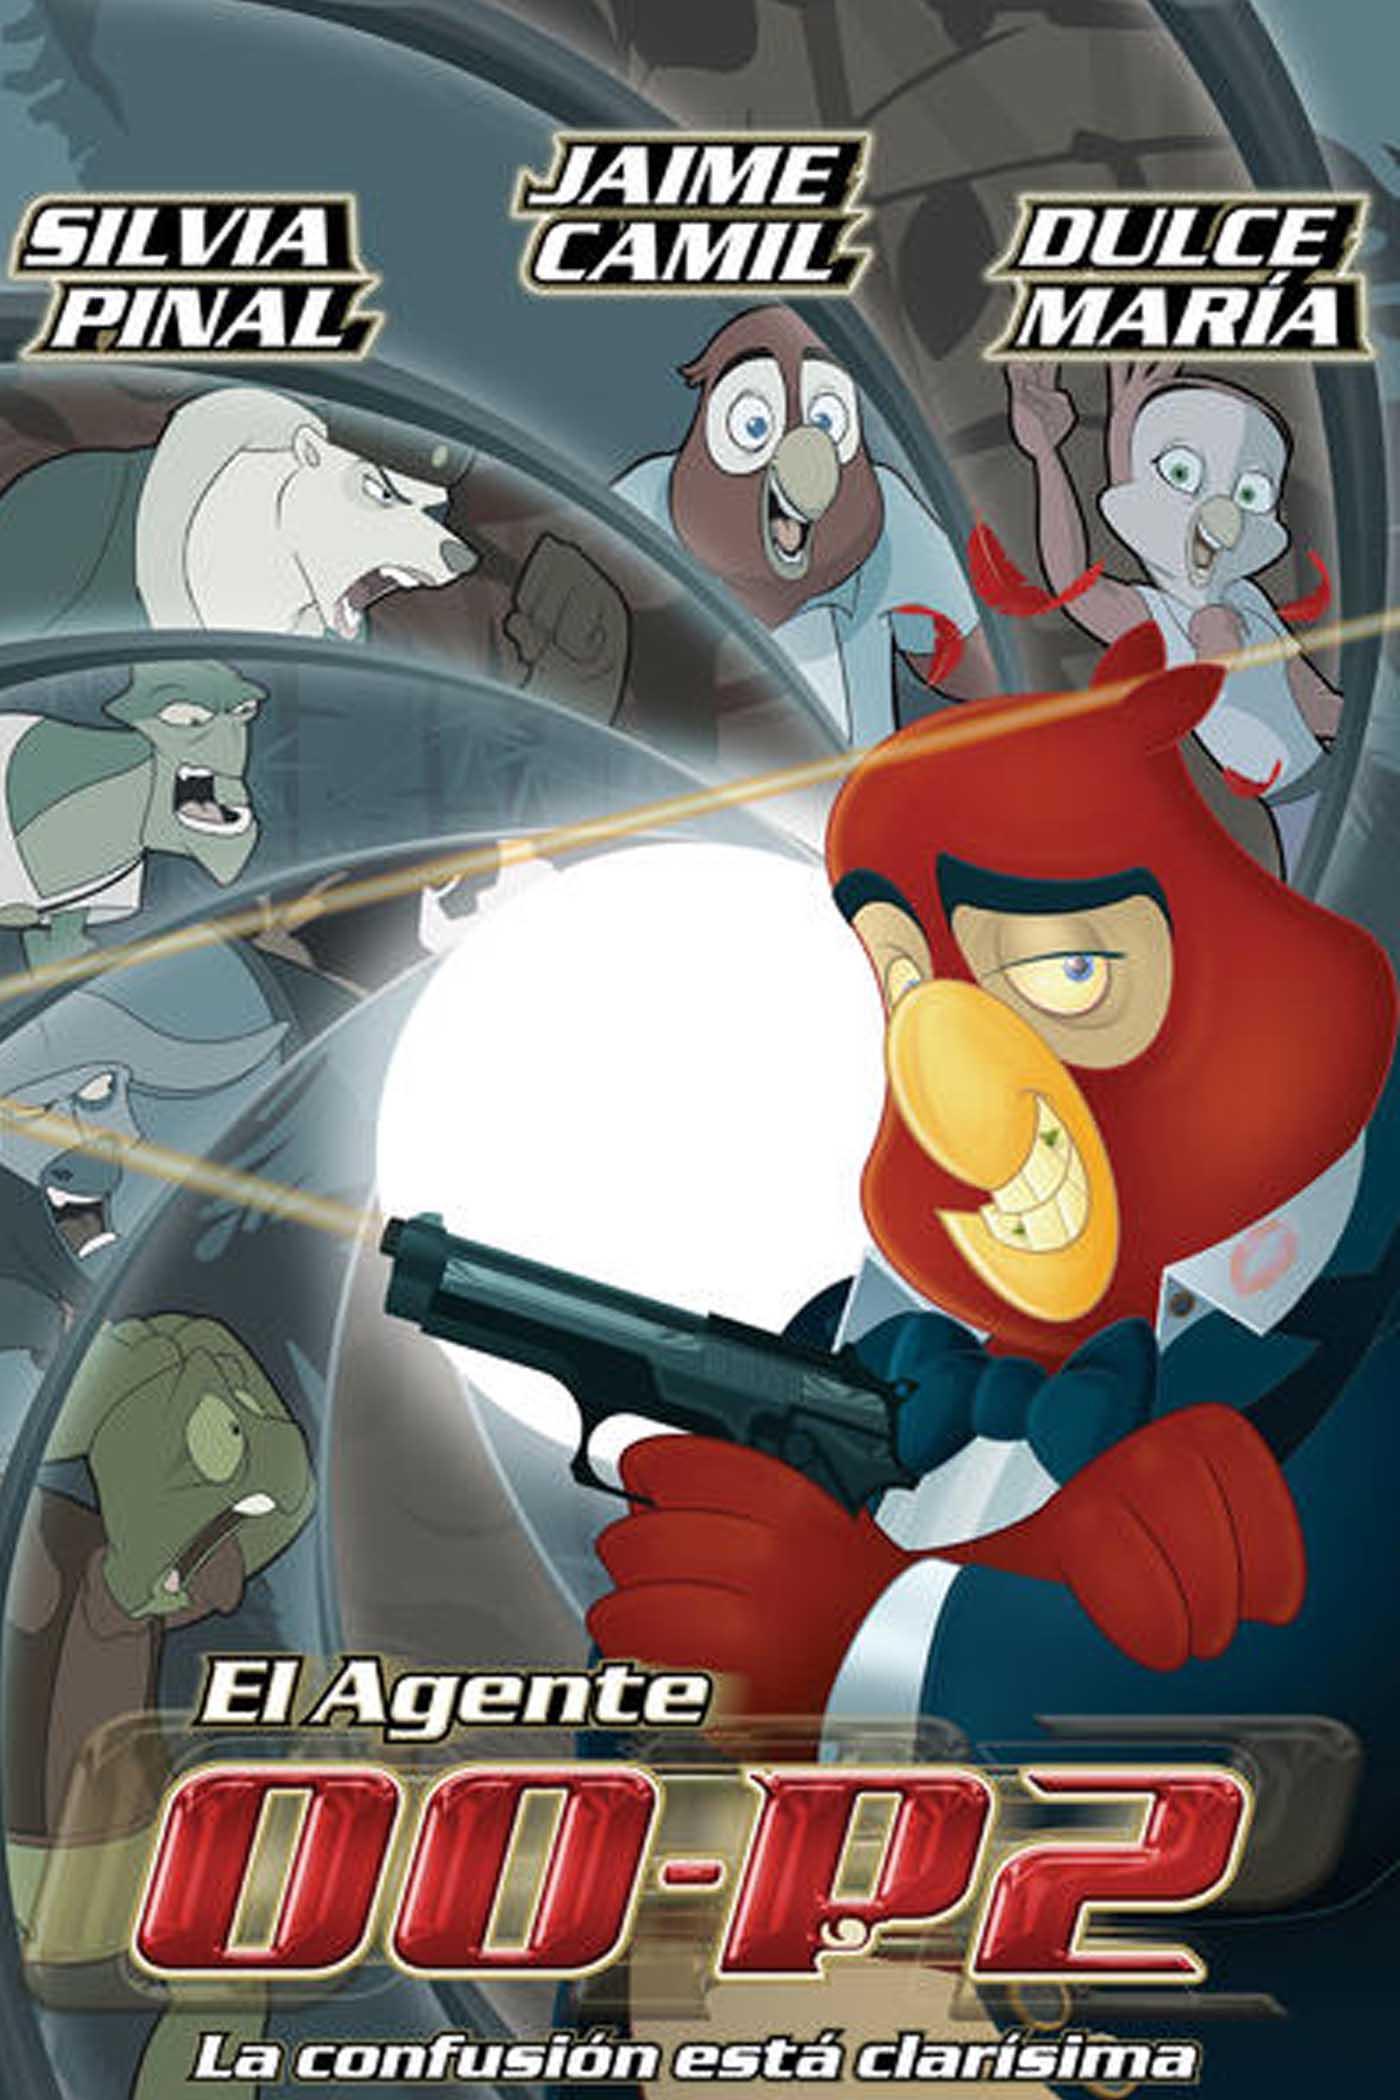 29 El Agente 00-P2.jpg